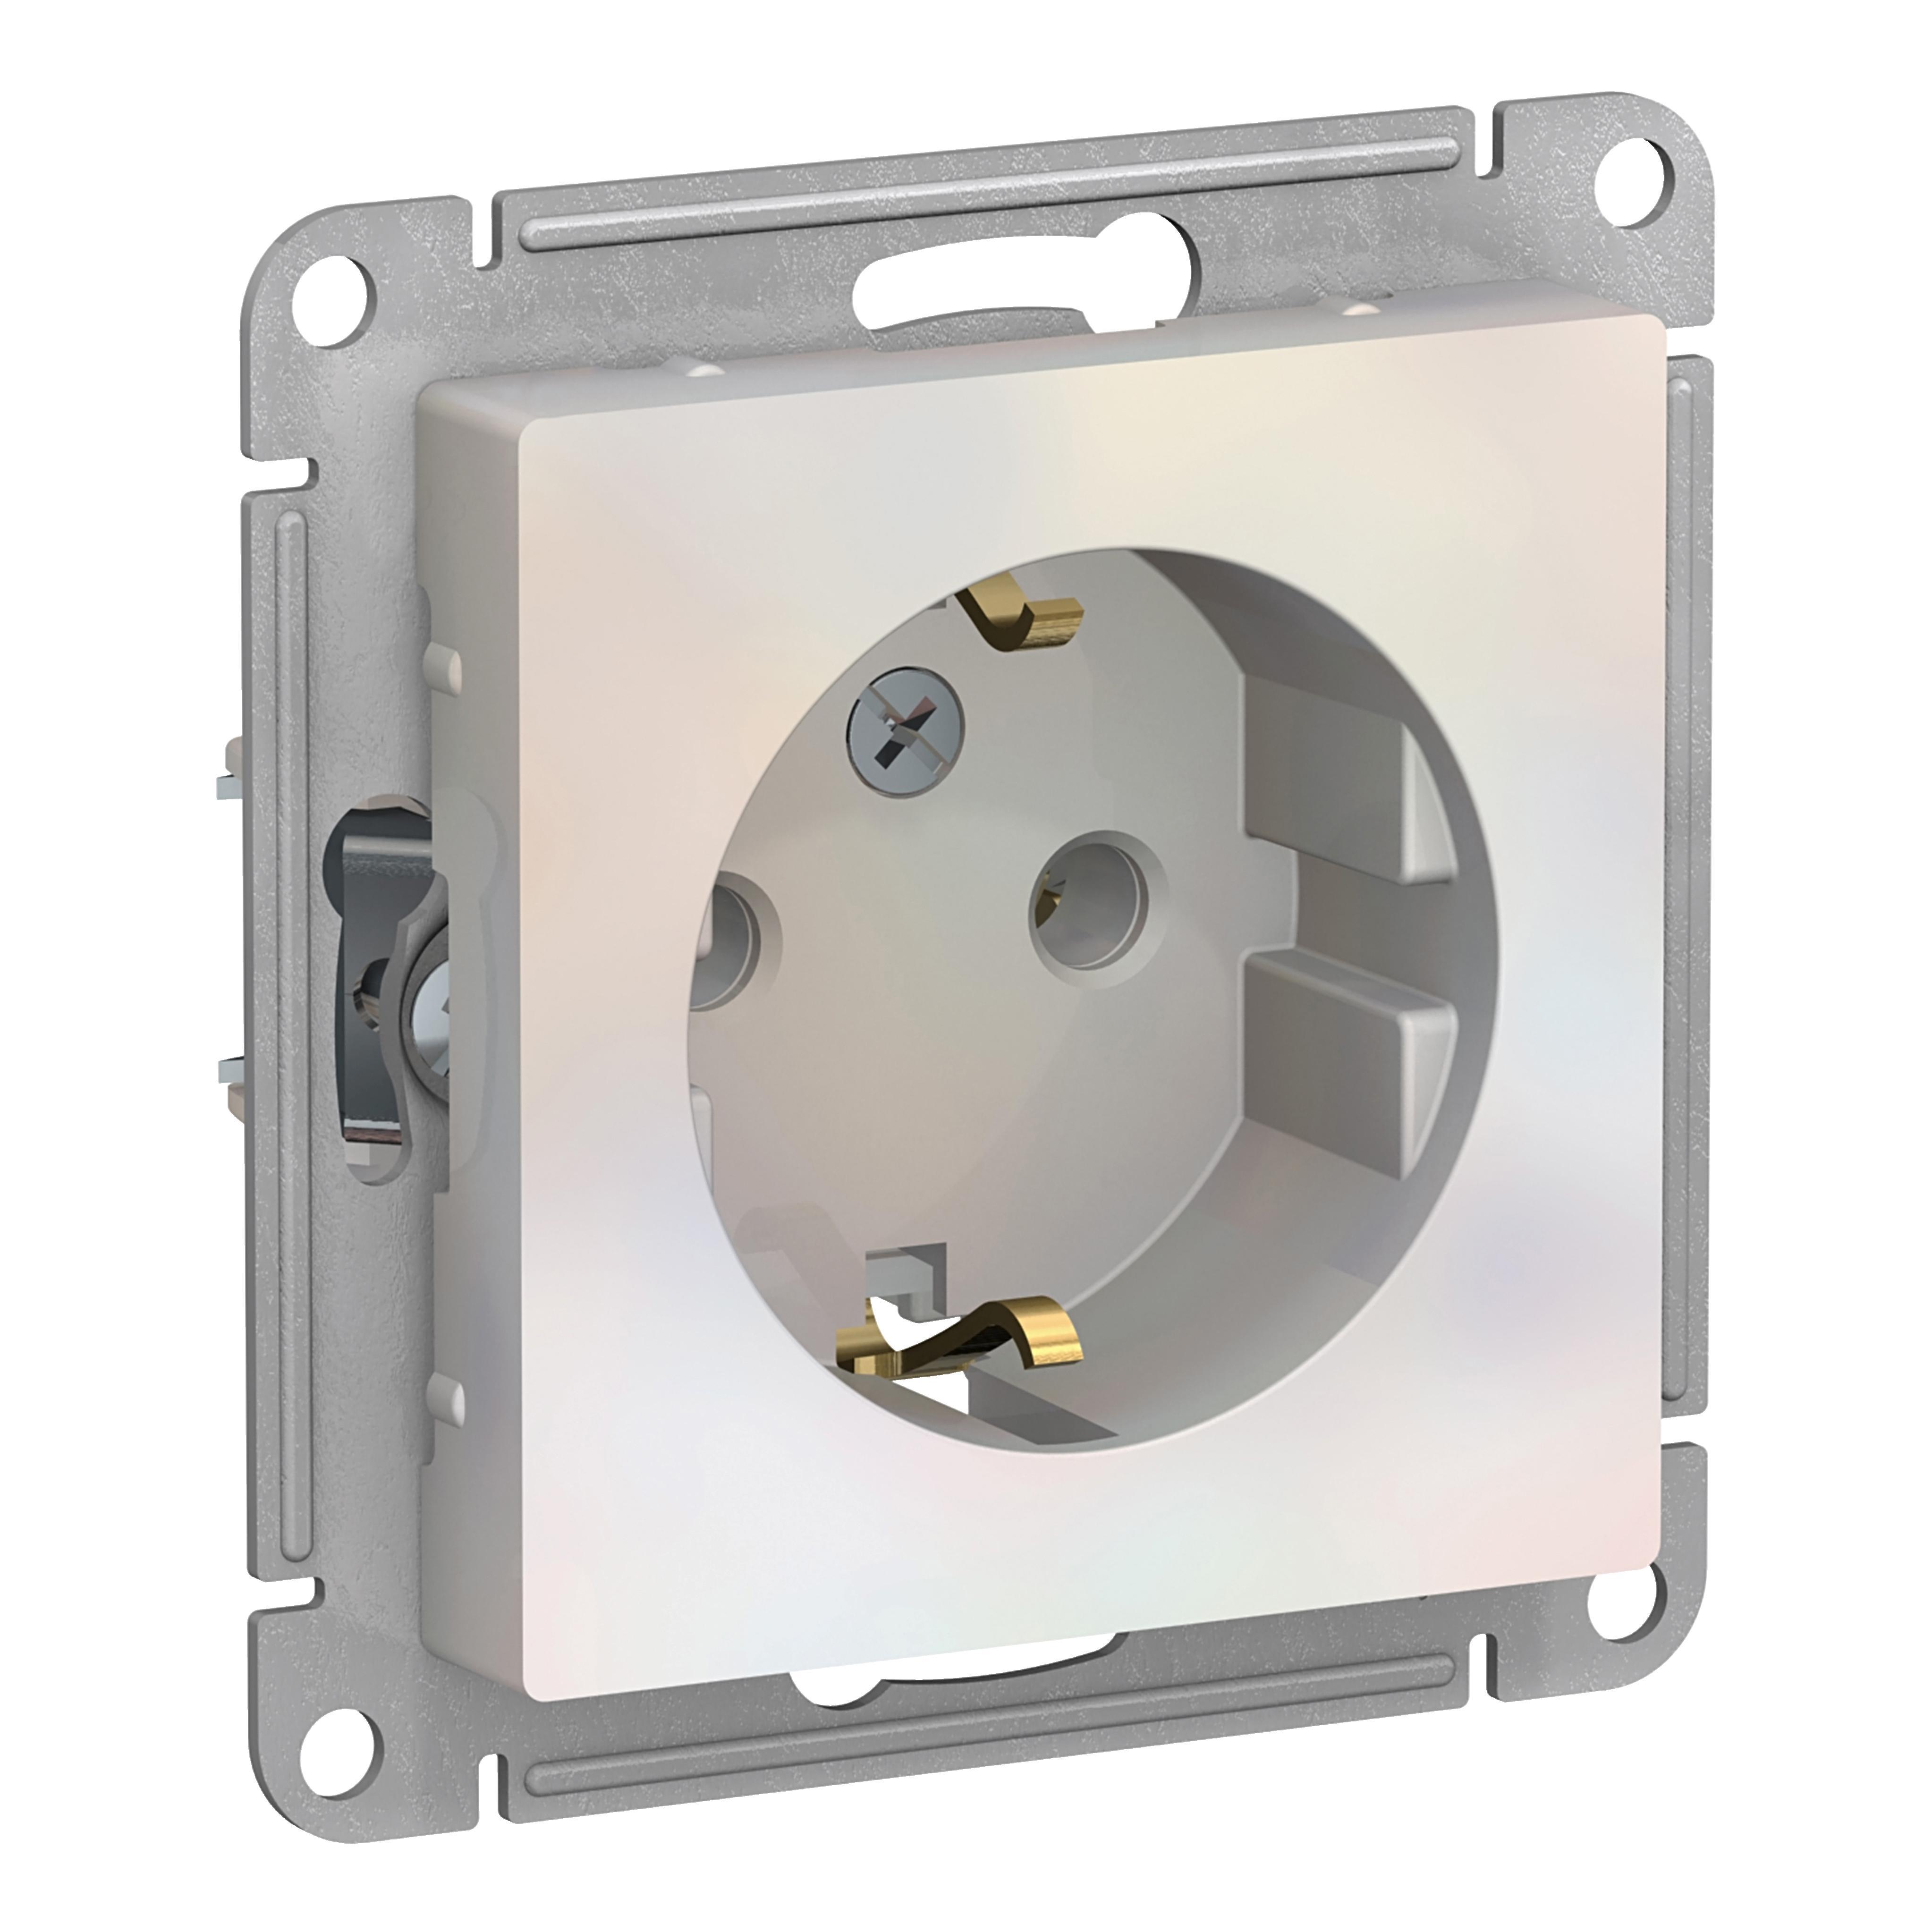 Купить Механизм розетки Schneider electric Atn000443